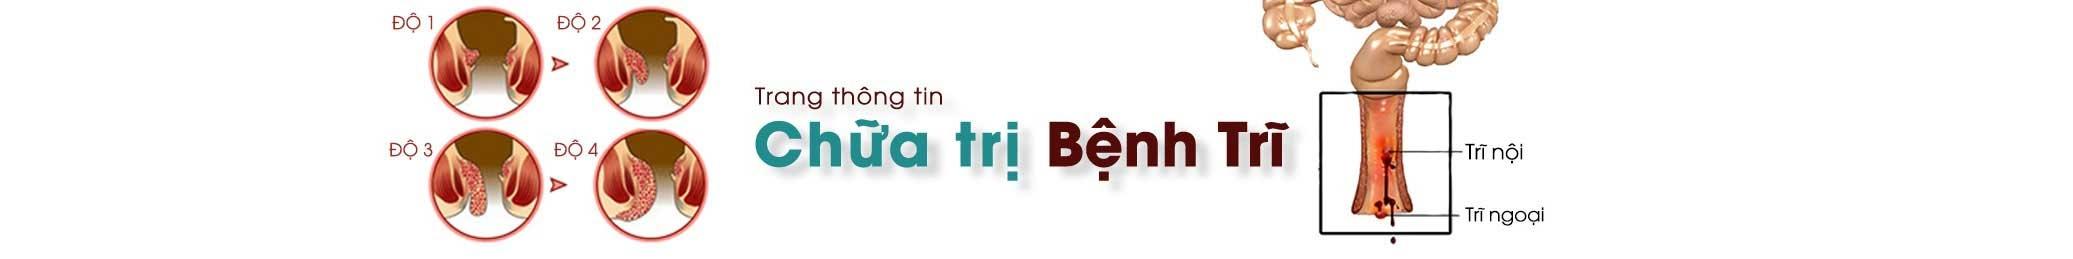 Benh tri va cach dieu tri (@pkbenhtri) Cover Image